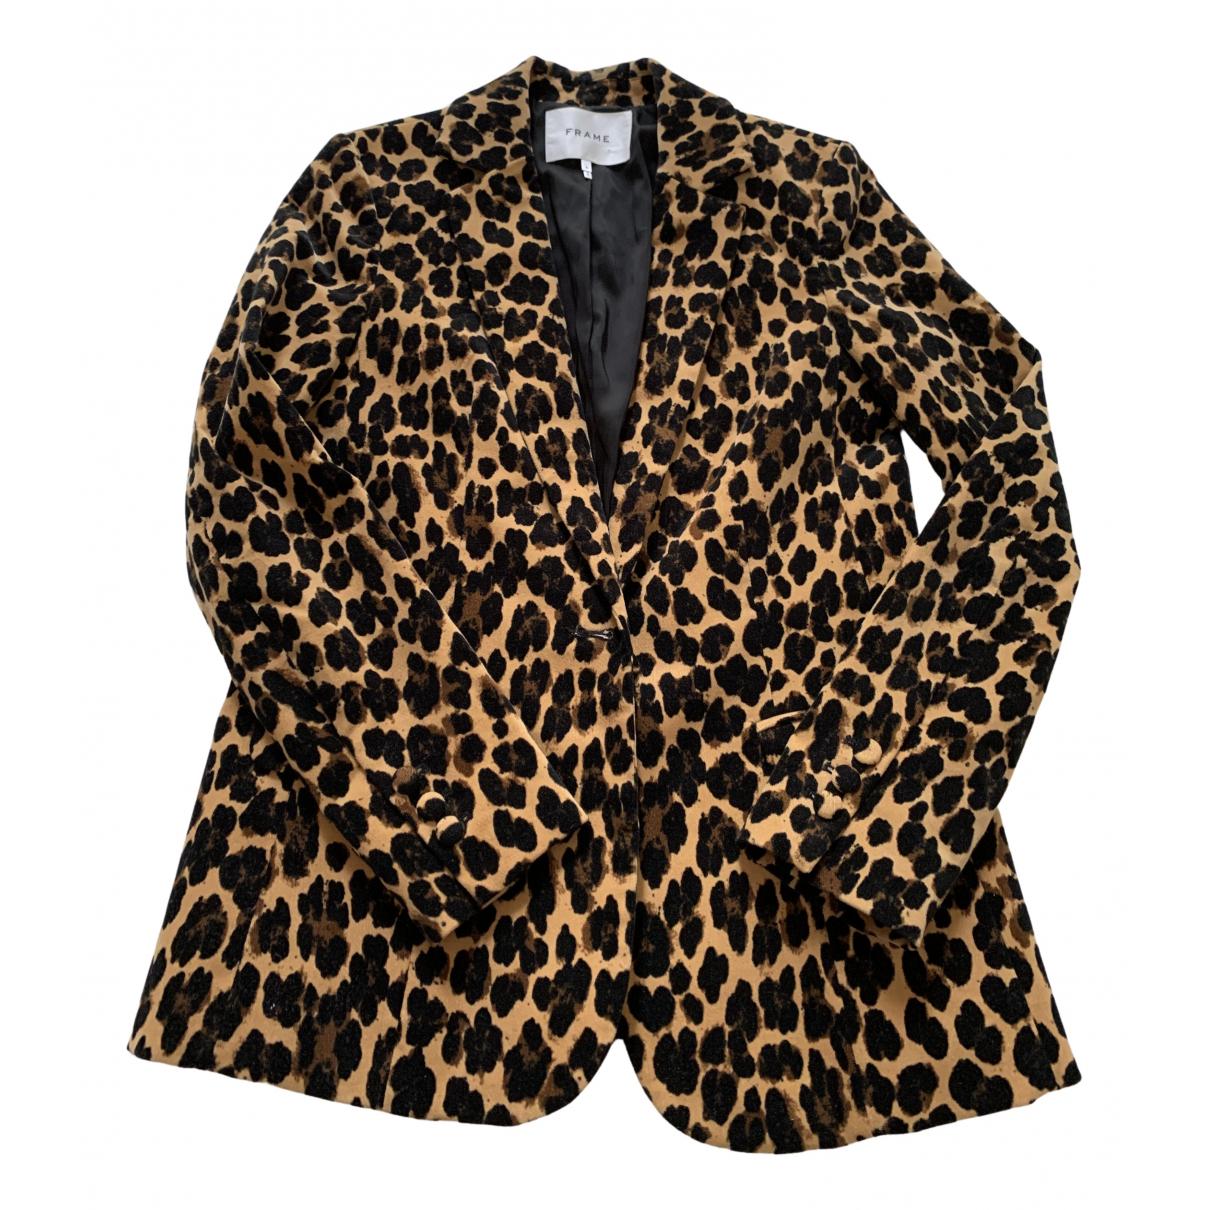 Frame Denim N Multicolour jacket for Women 4 US